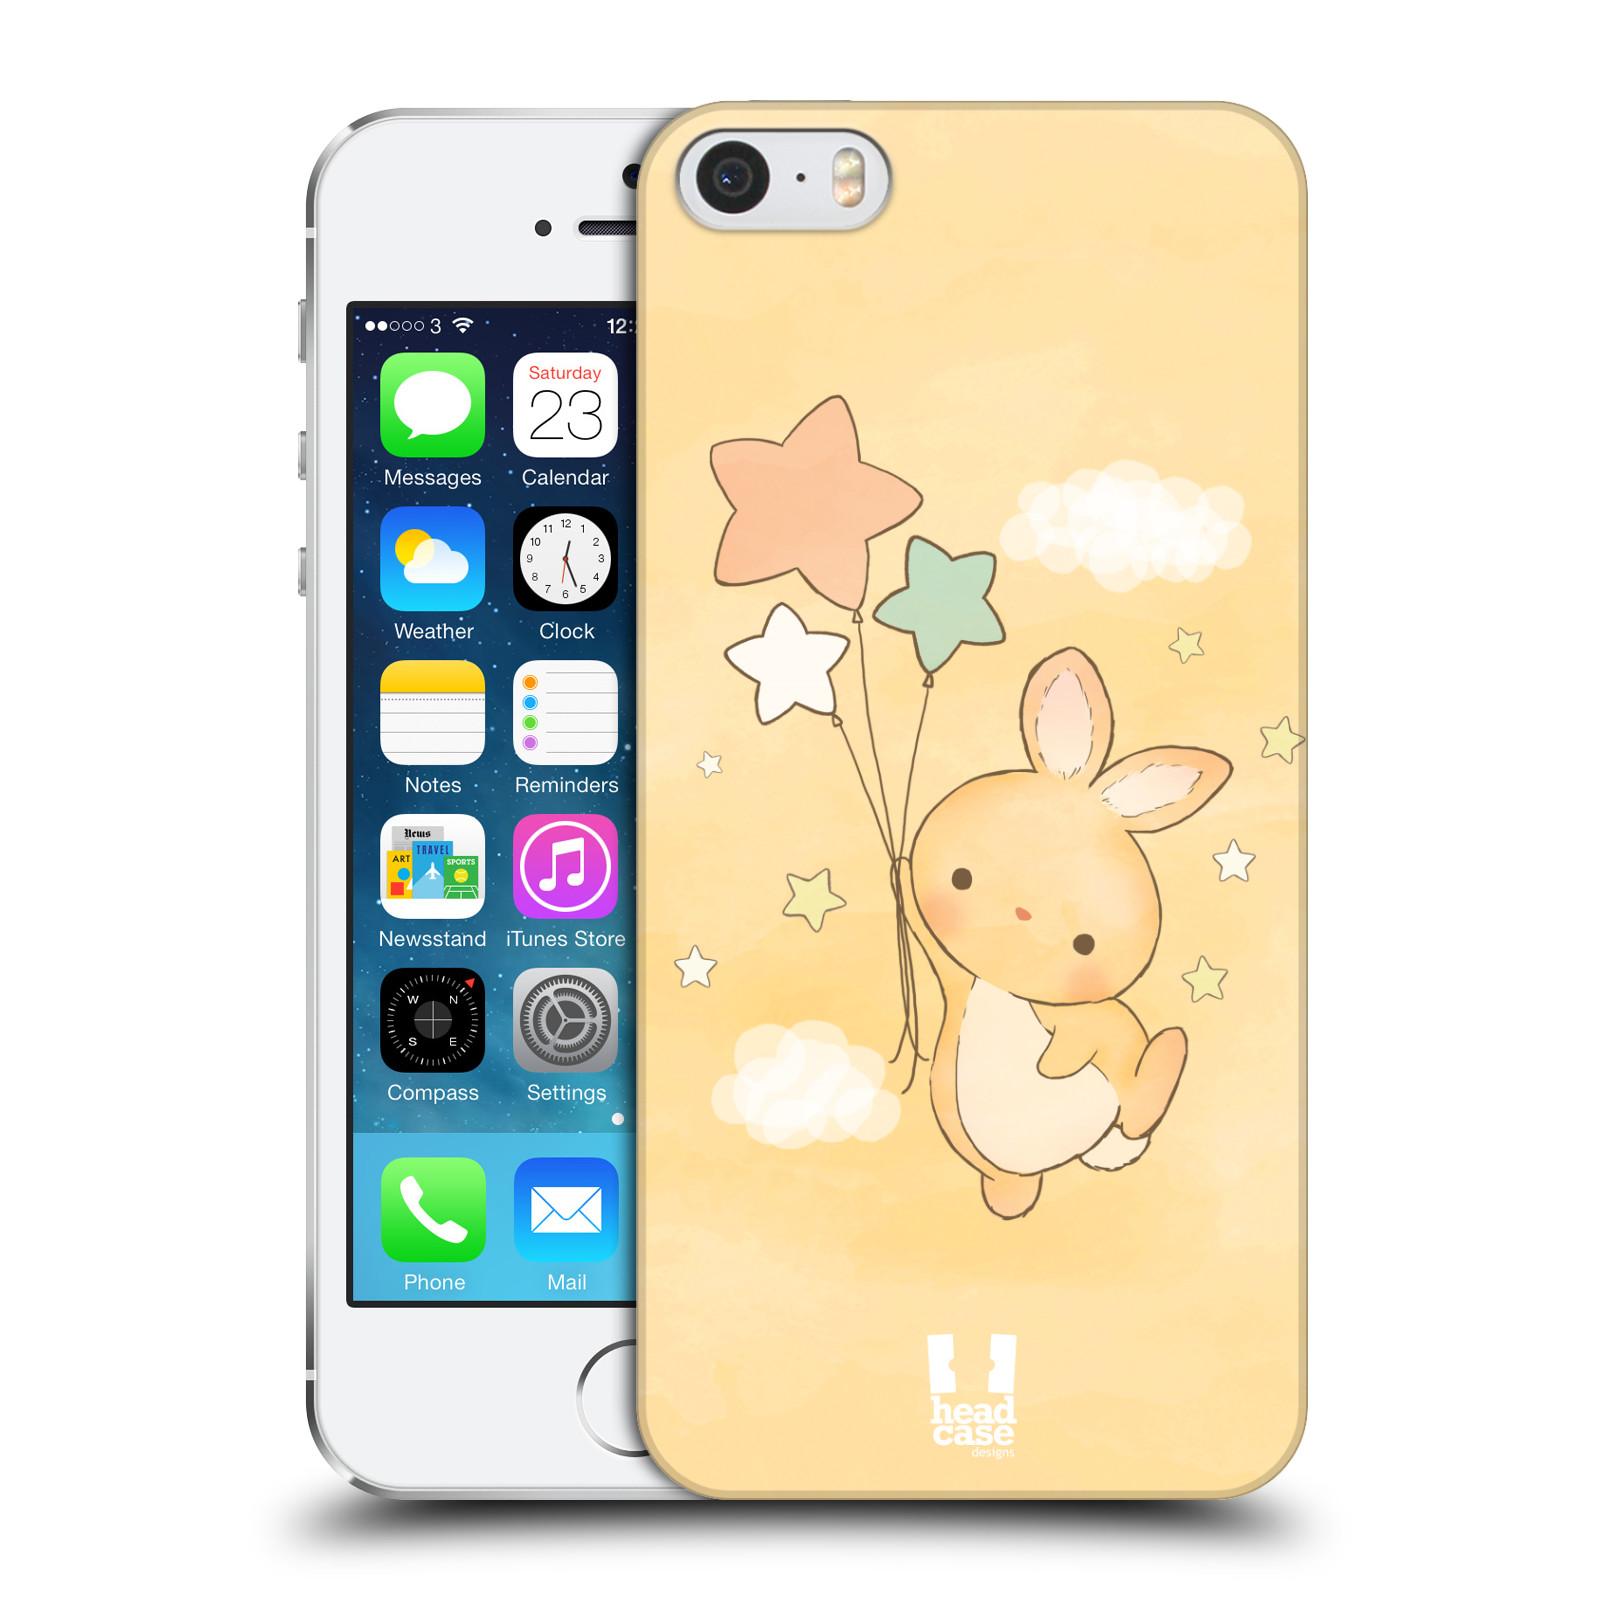 Plastové pouzdro pro mobil Apple Iphone 5 / 5S / SE vzor králíček a hvězdy žlutá